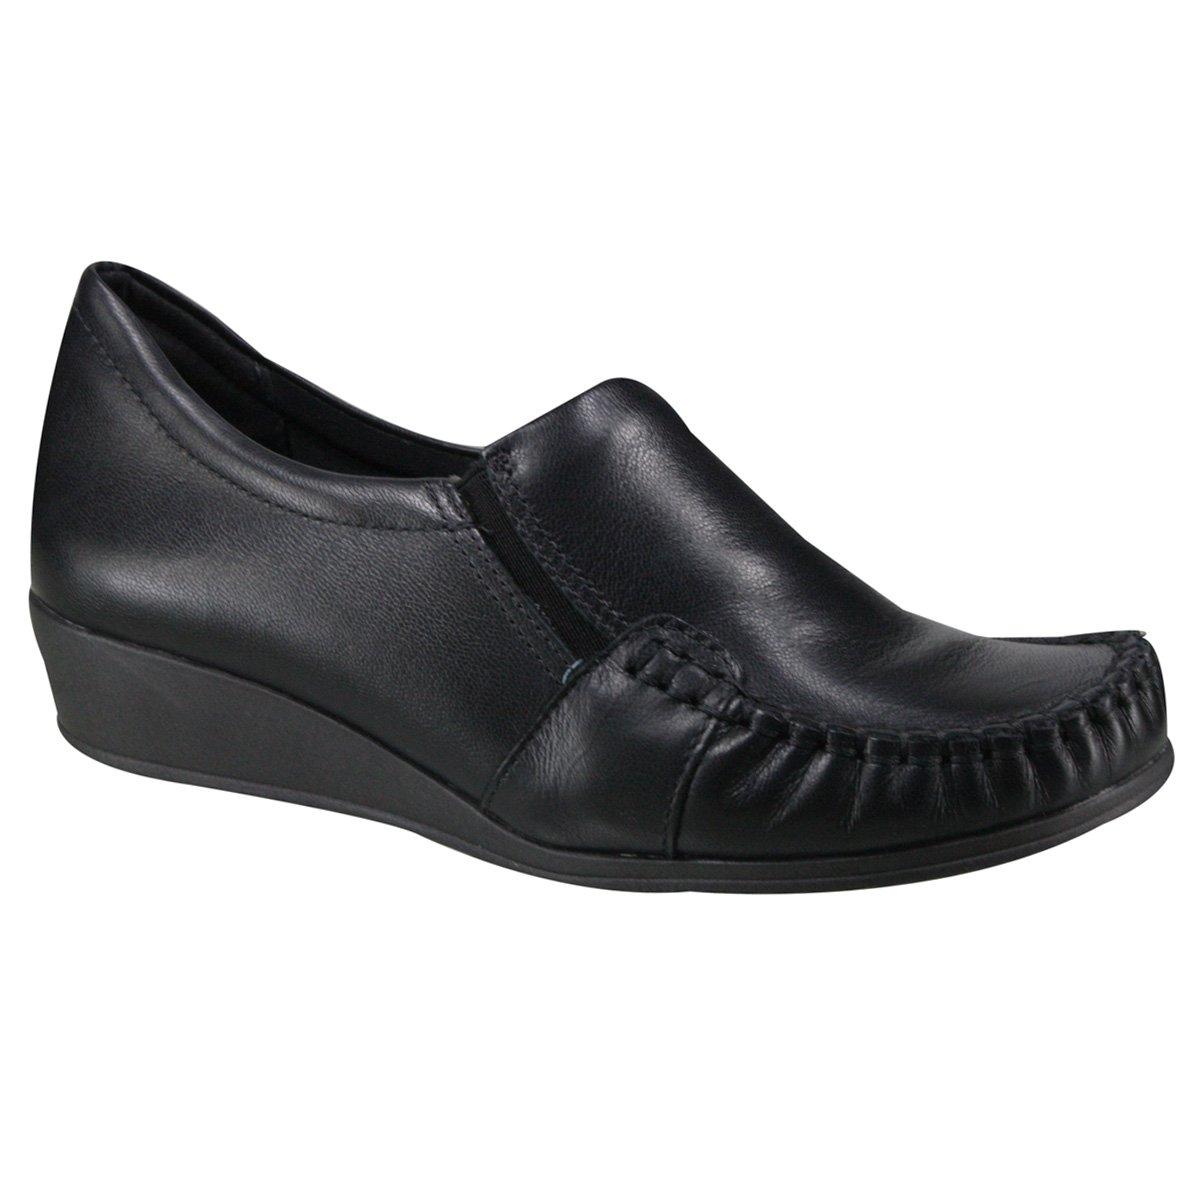 fab6dcb1a Sapato Comfortflex Anabela 17-93303 - Preto (Napa Vestuário) - Botas ...